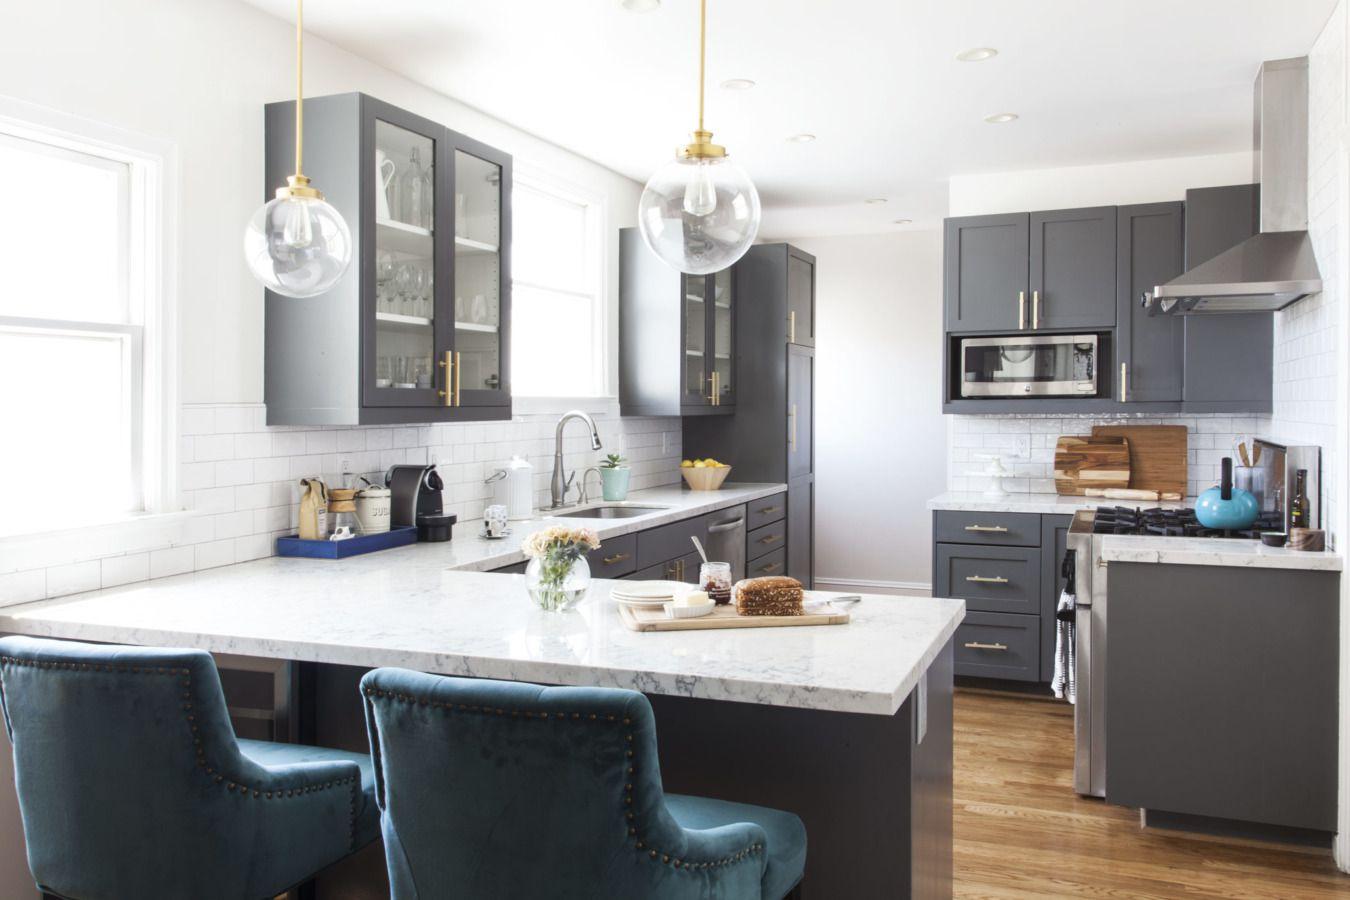 Cocina de mármol y cuarzo con sillas azules y blancas